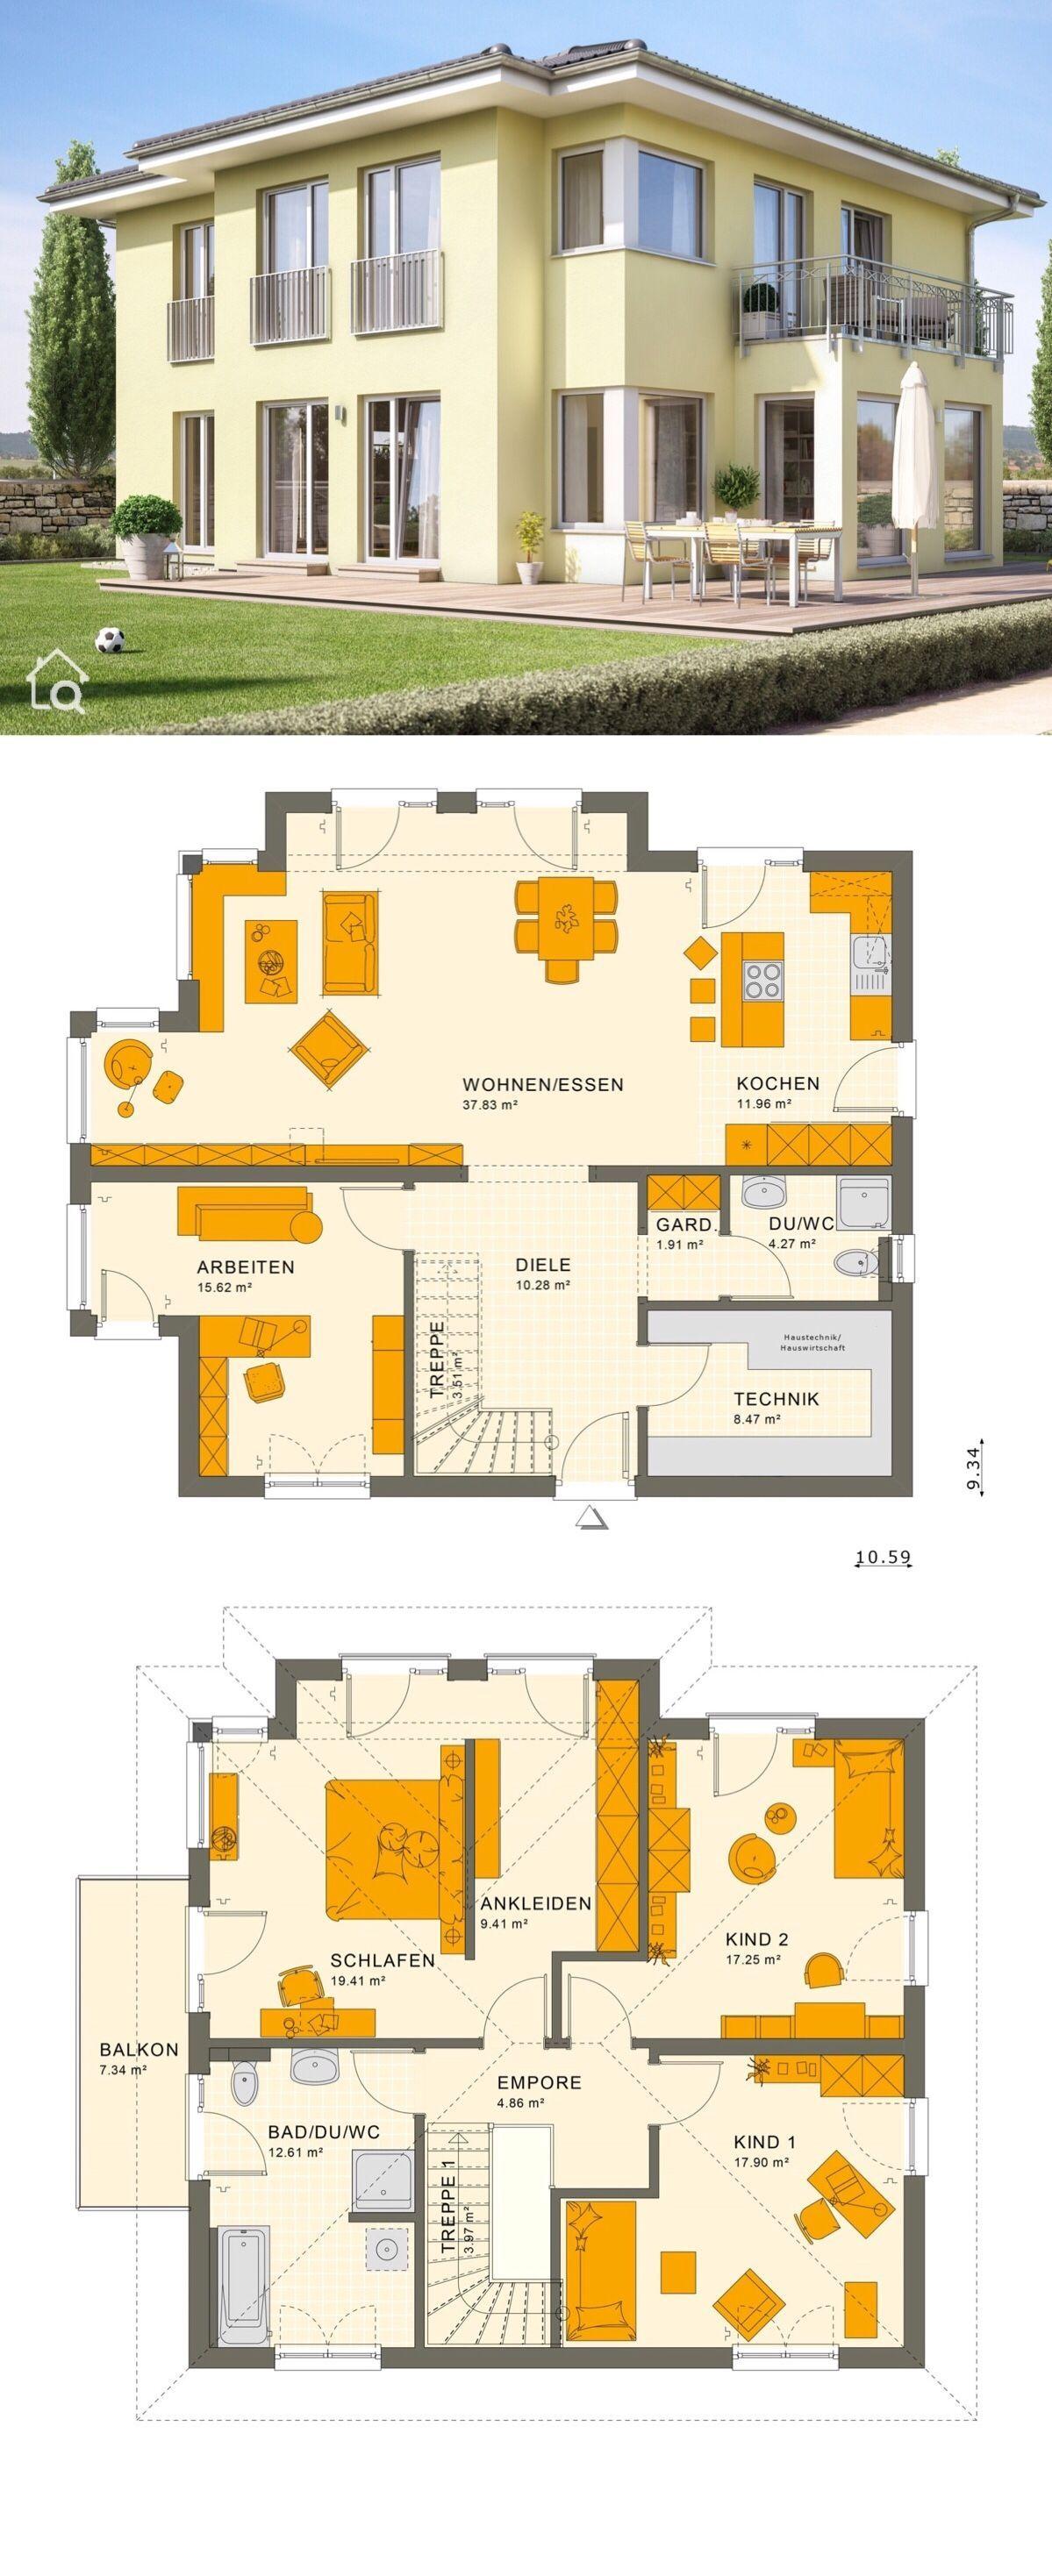 {title} (mit Bildern) Fassade haus, Haus, Architektur